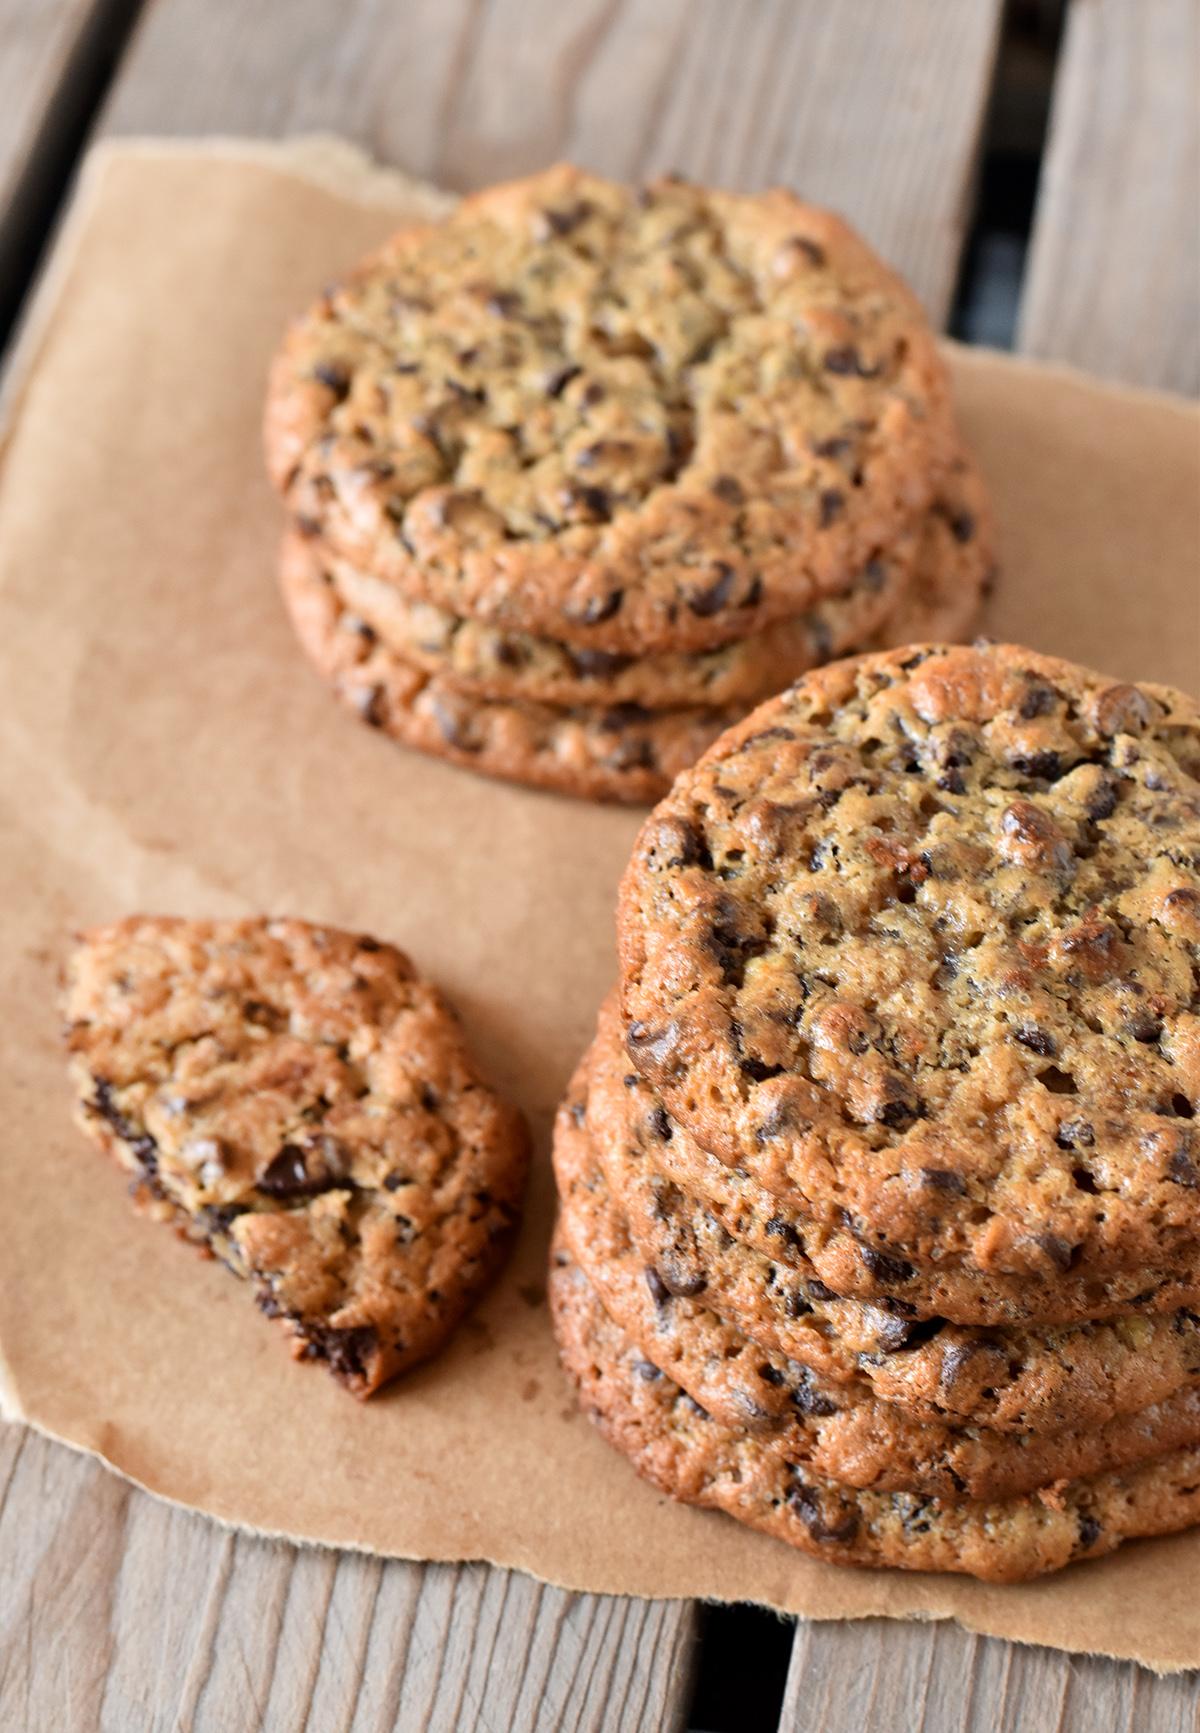 עוגיות שוקולד צ'יפס ללא קמח וללא חמאה